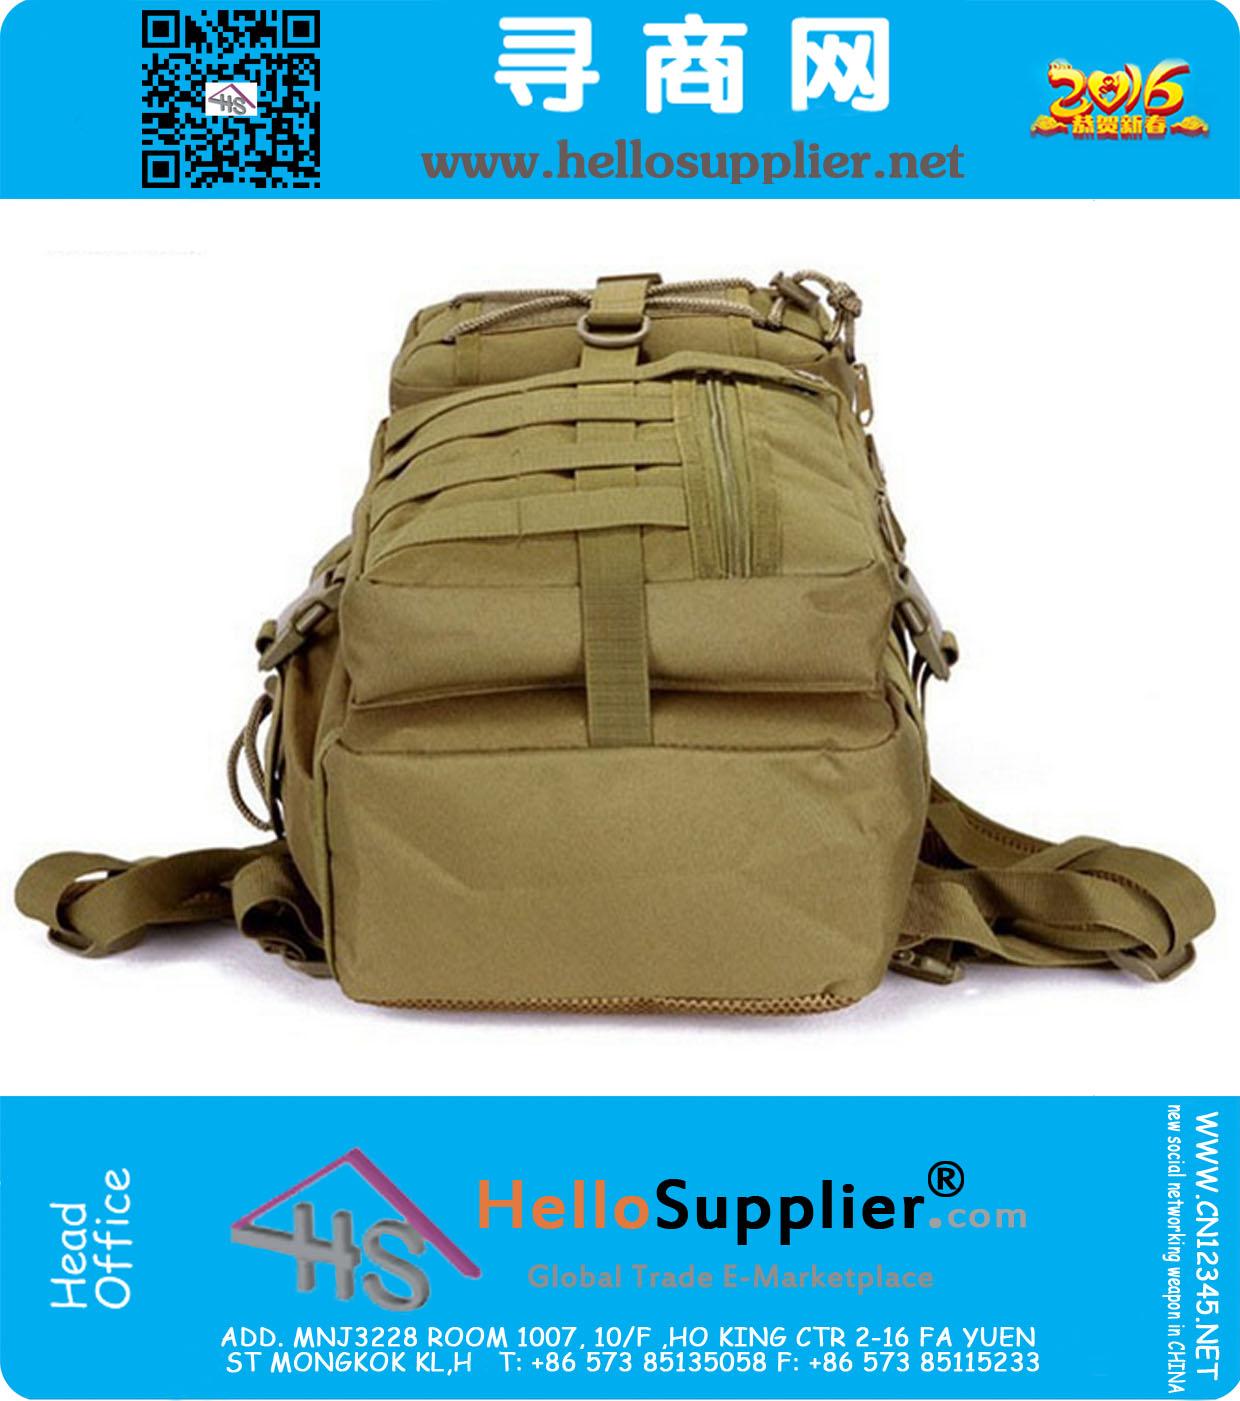 Армейские сумки рюкзаки купить рюкзак для велосипедиста в интернет магазине москвы